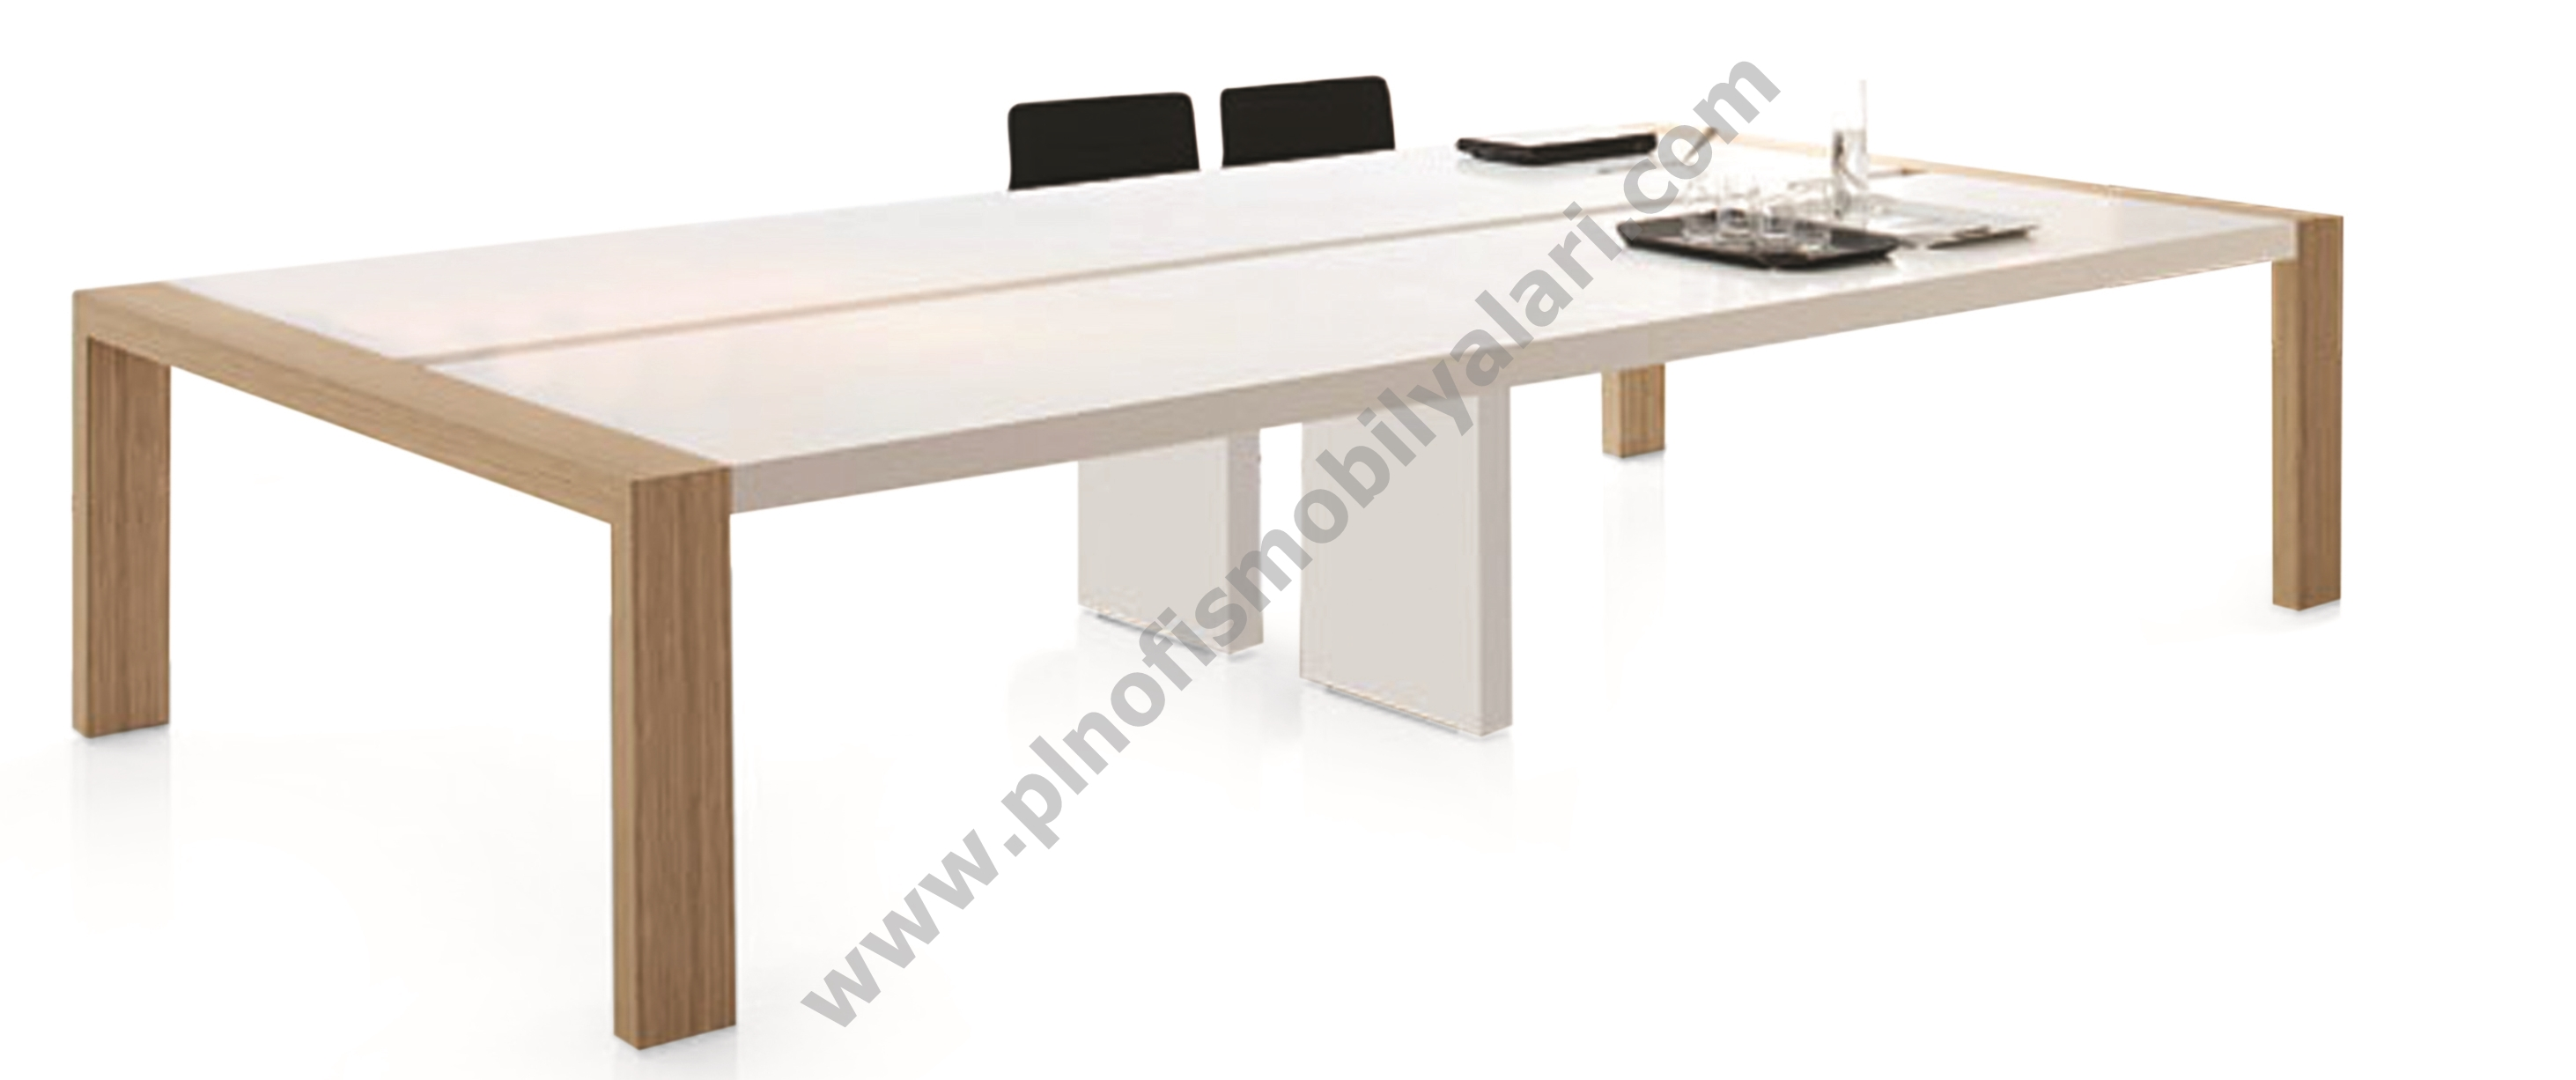 Notos Toplantı Masası - PLN-6300